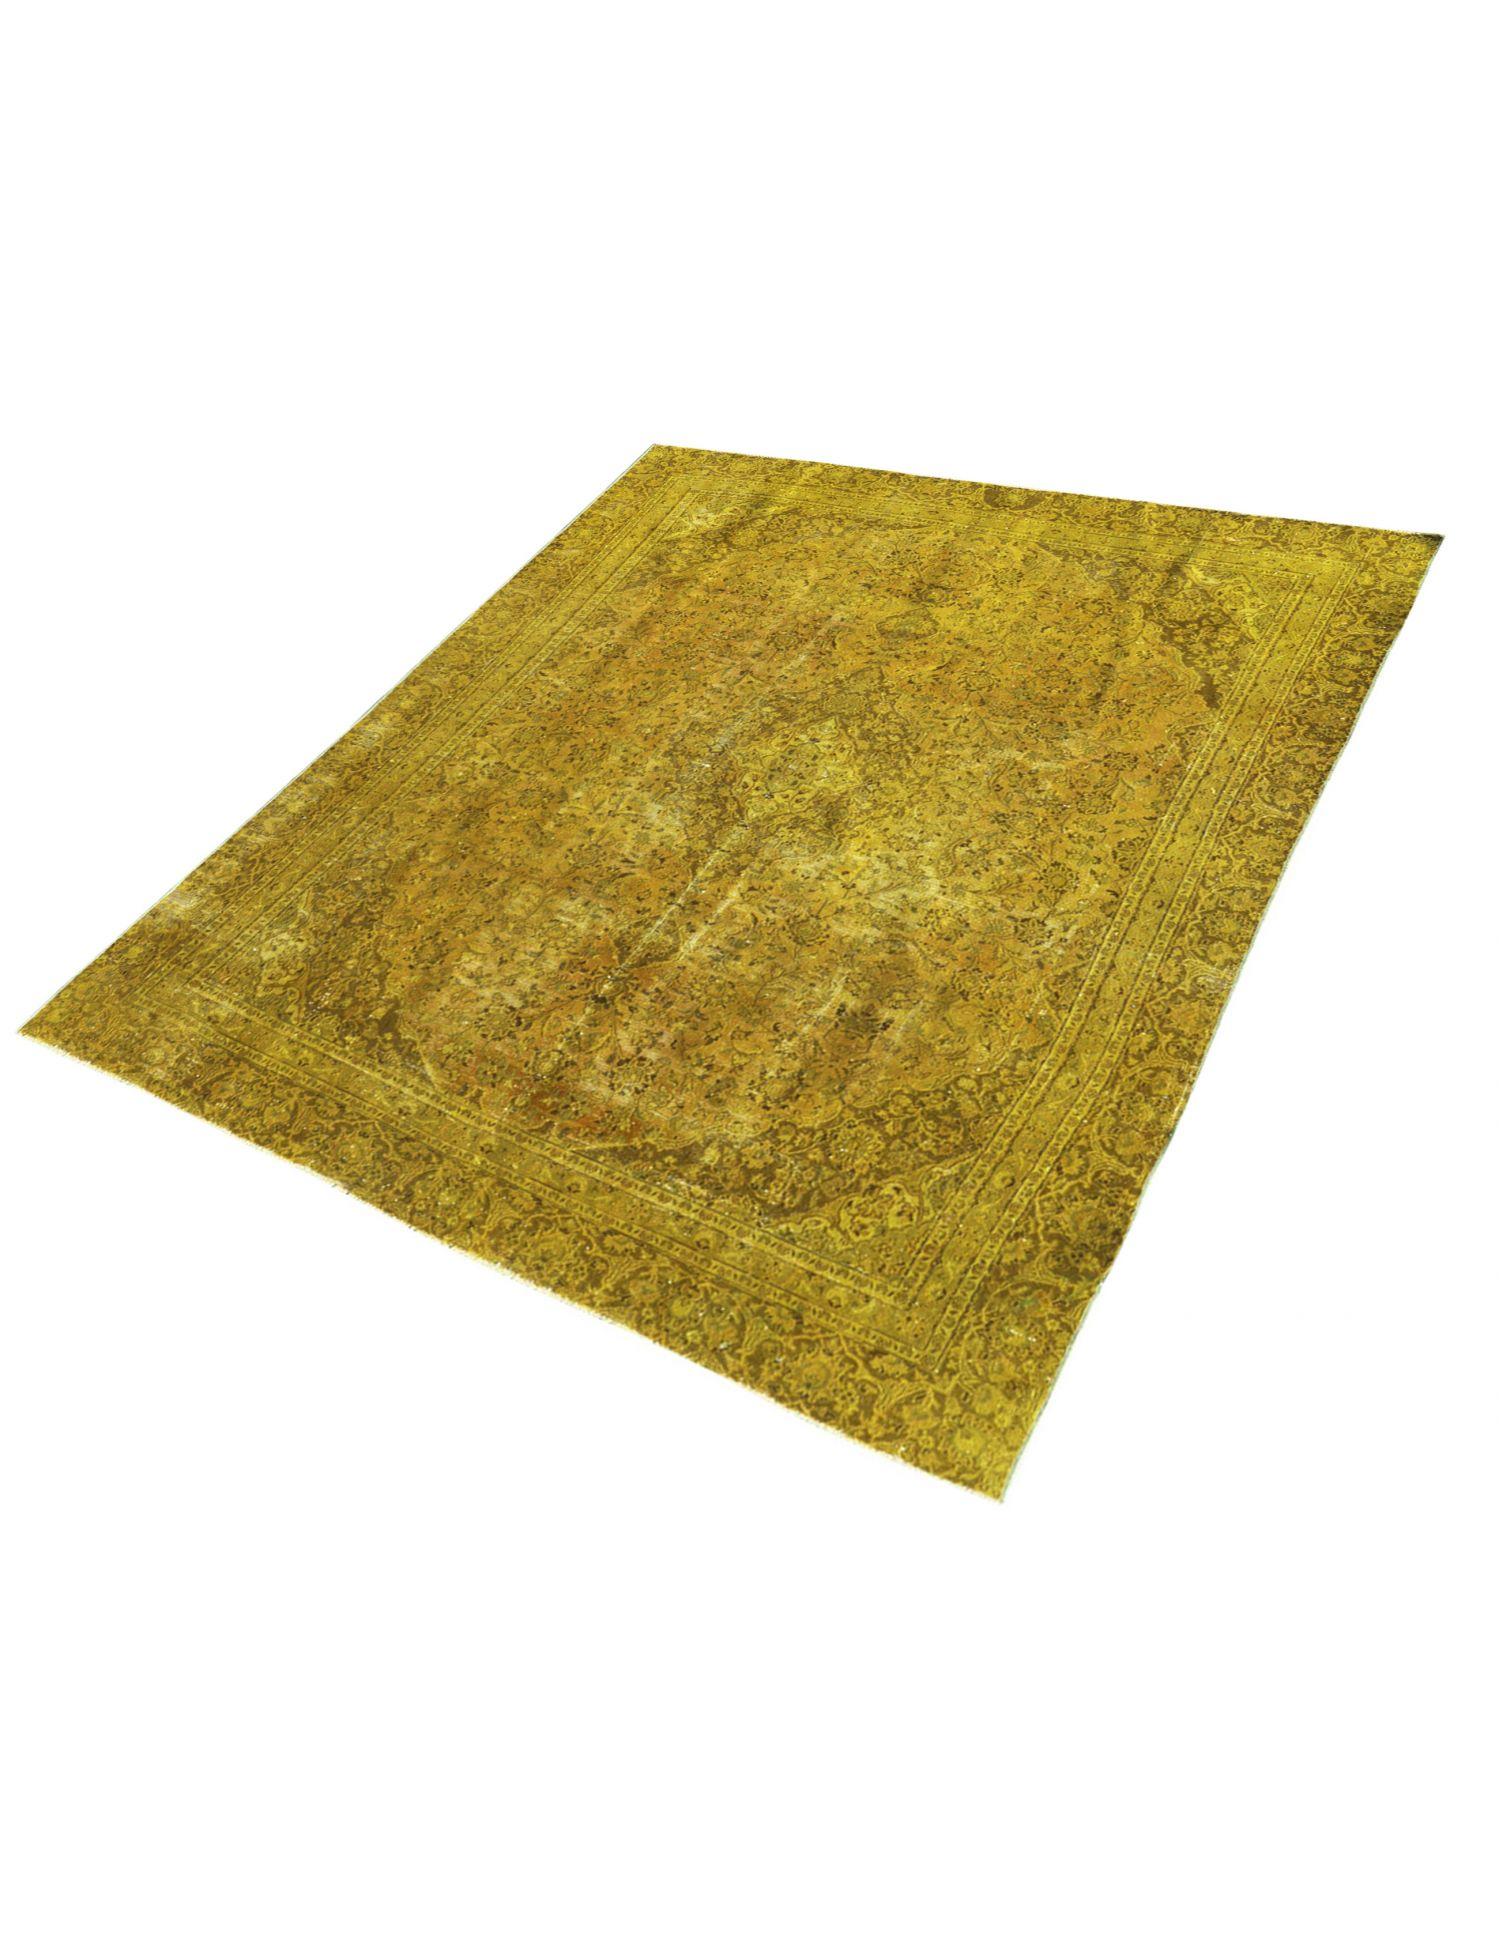 Vintage Teppich  gelb <br/>331 x 253 cm